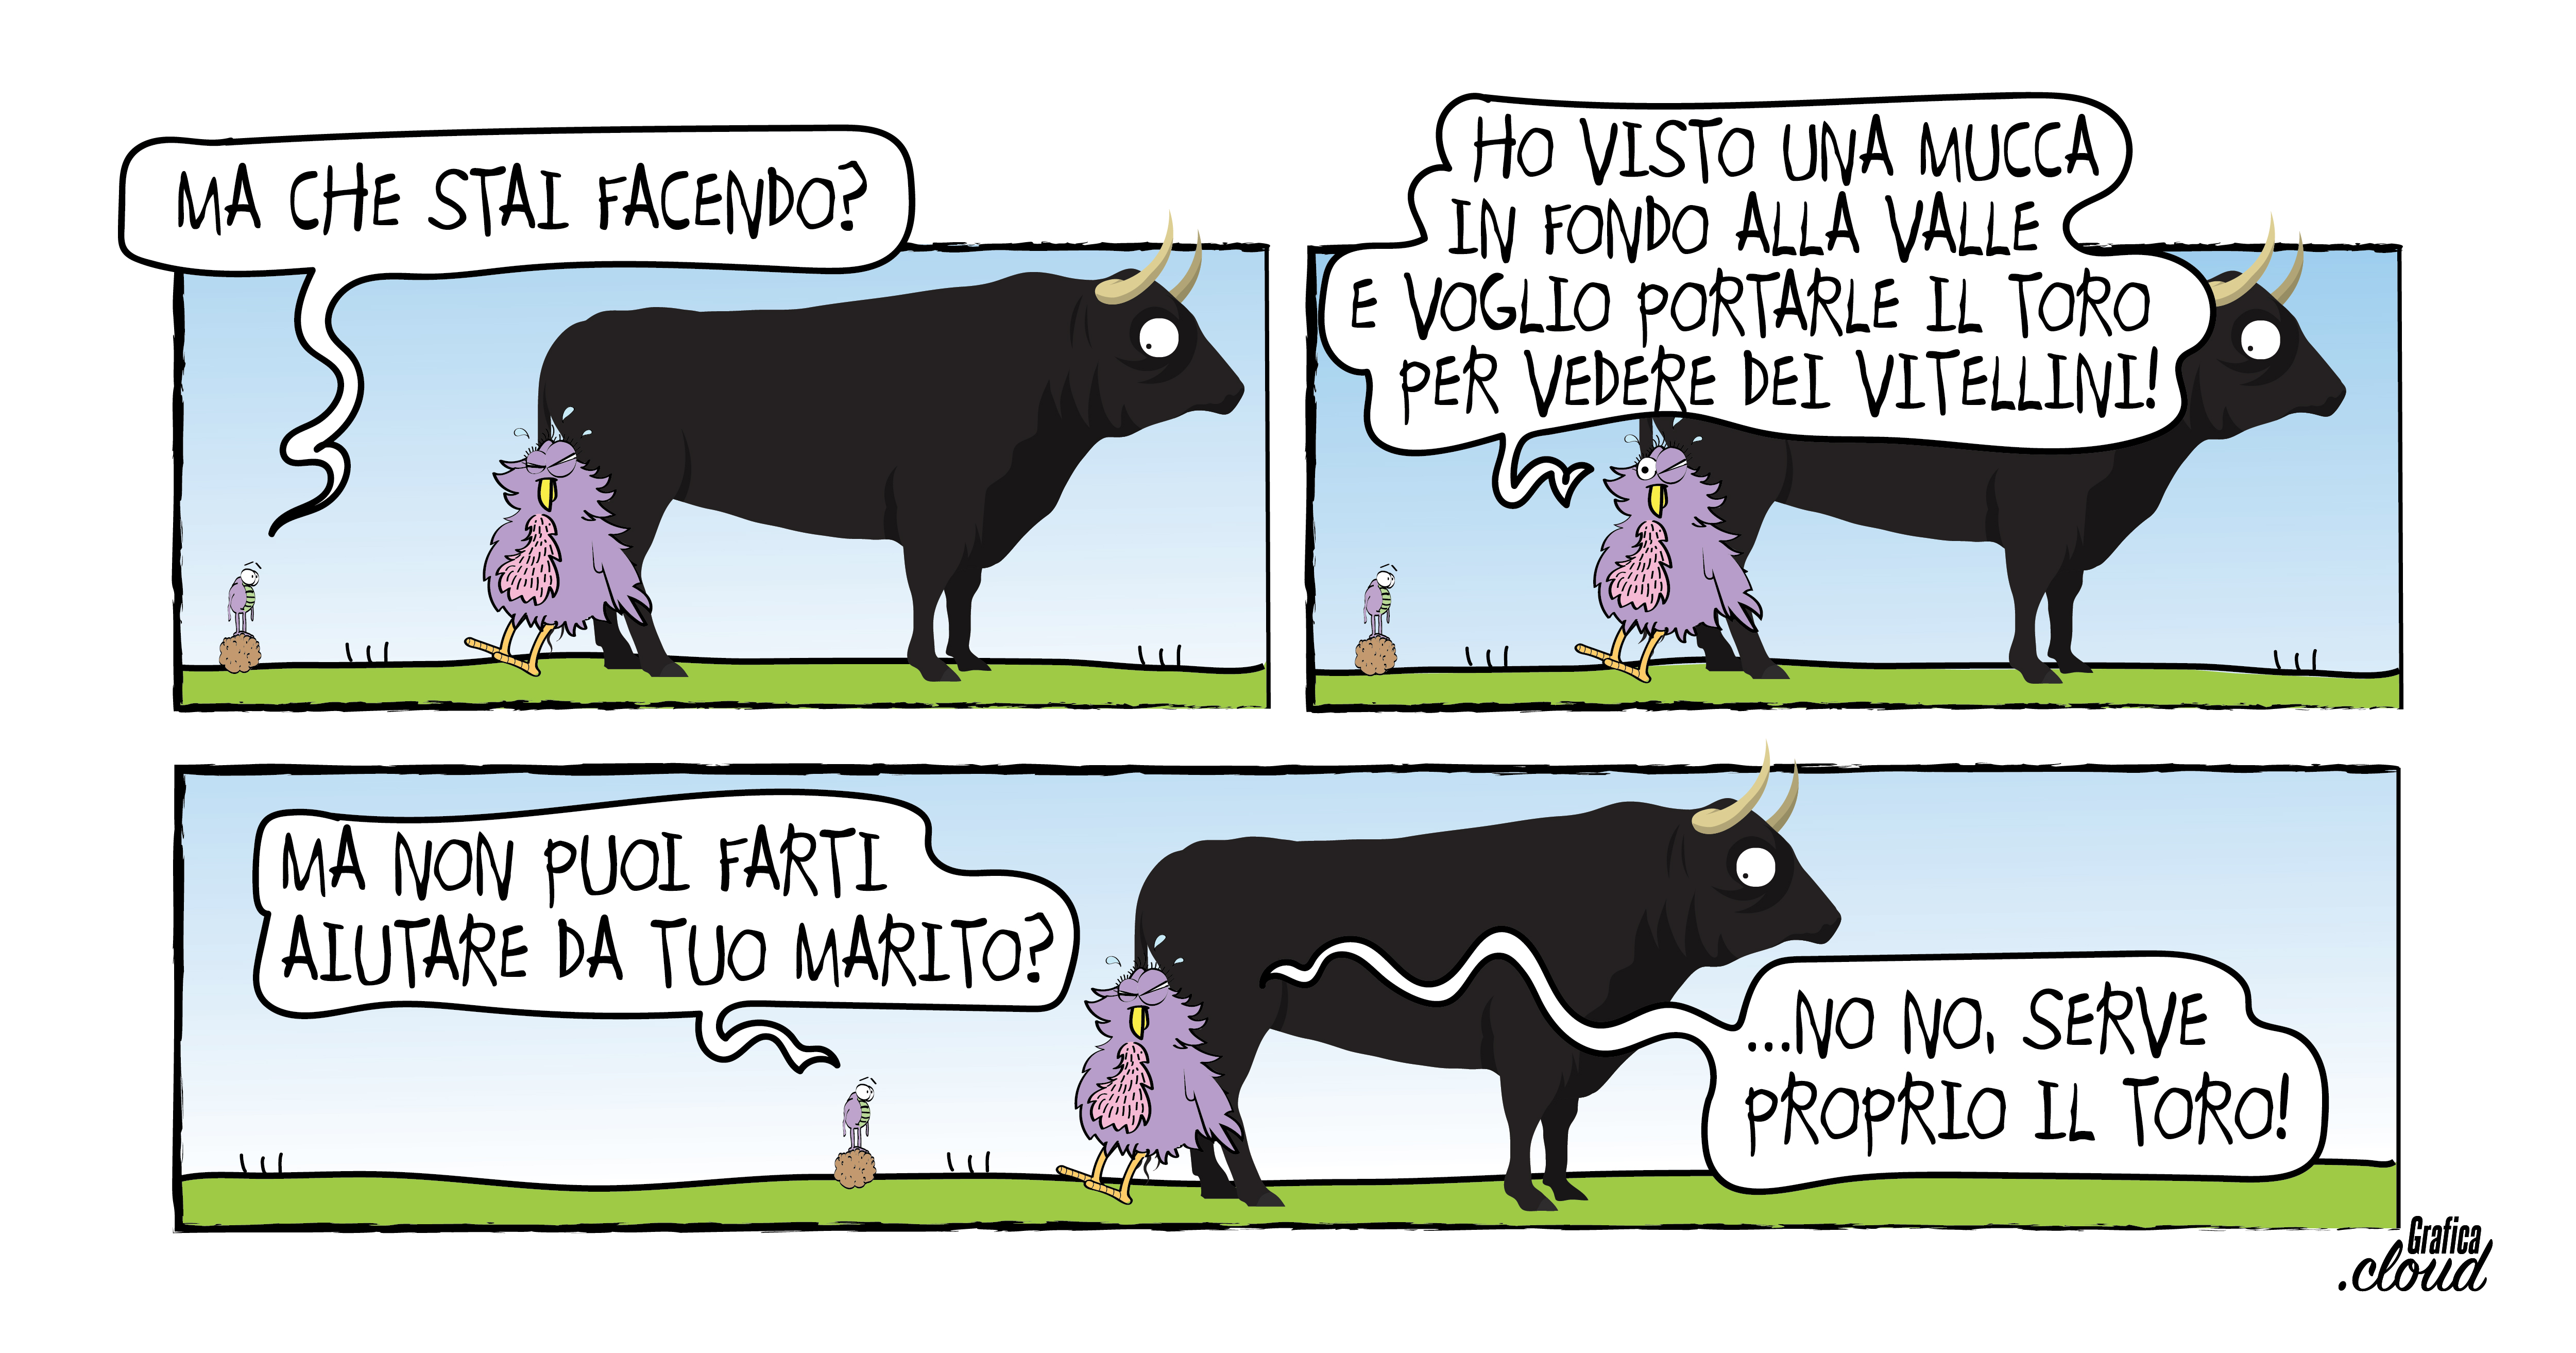 Vignette della serie Caccaruga&co. I protagonisti sono una strana gallina, uno stercorario e un toro